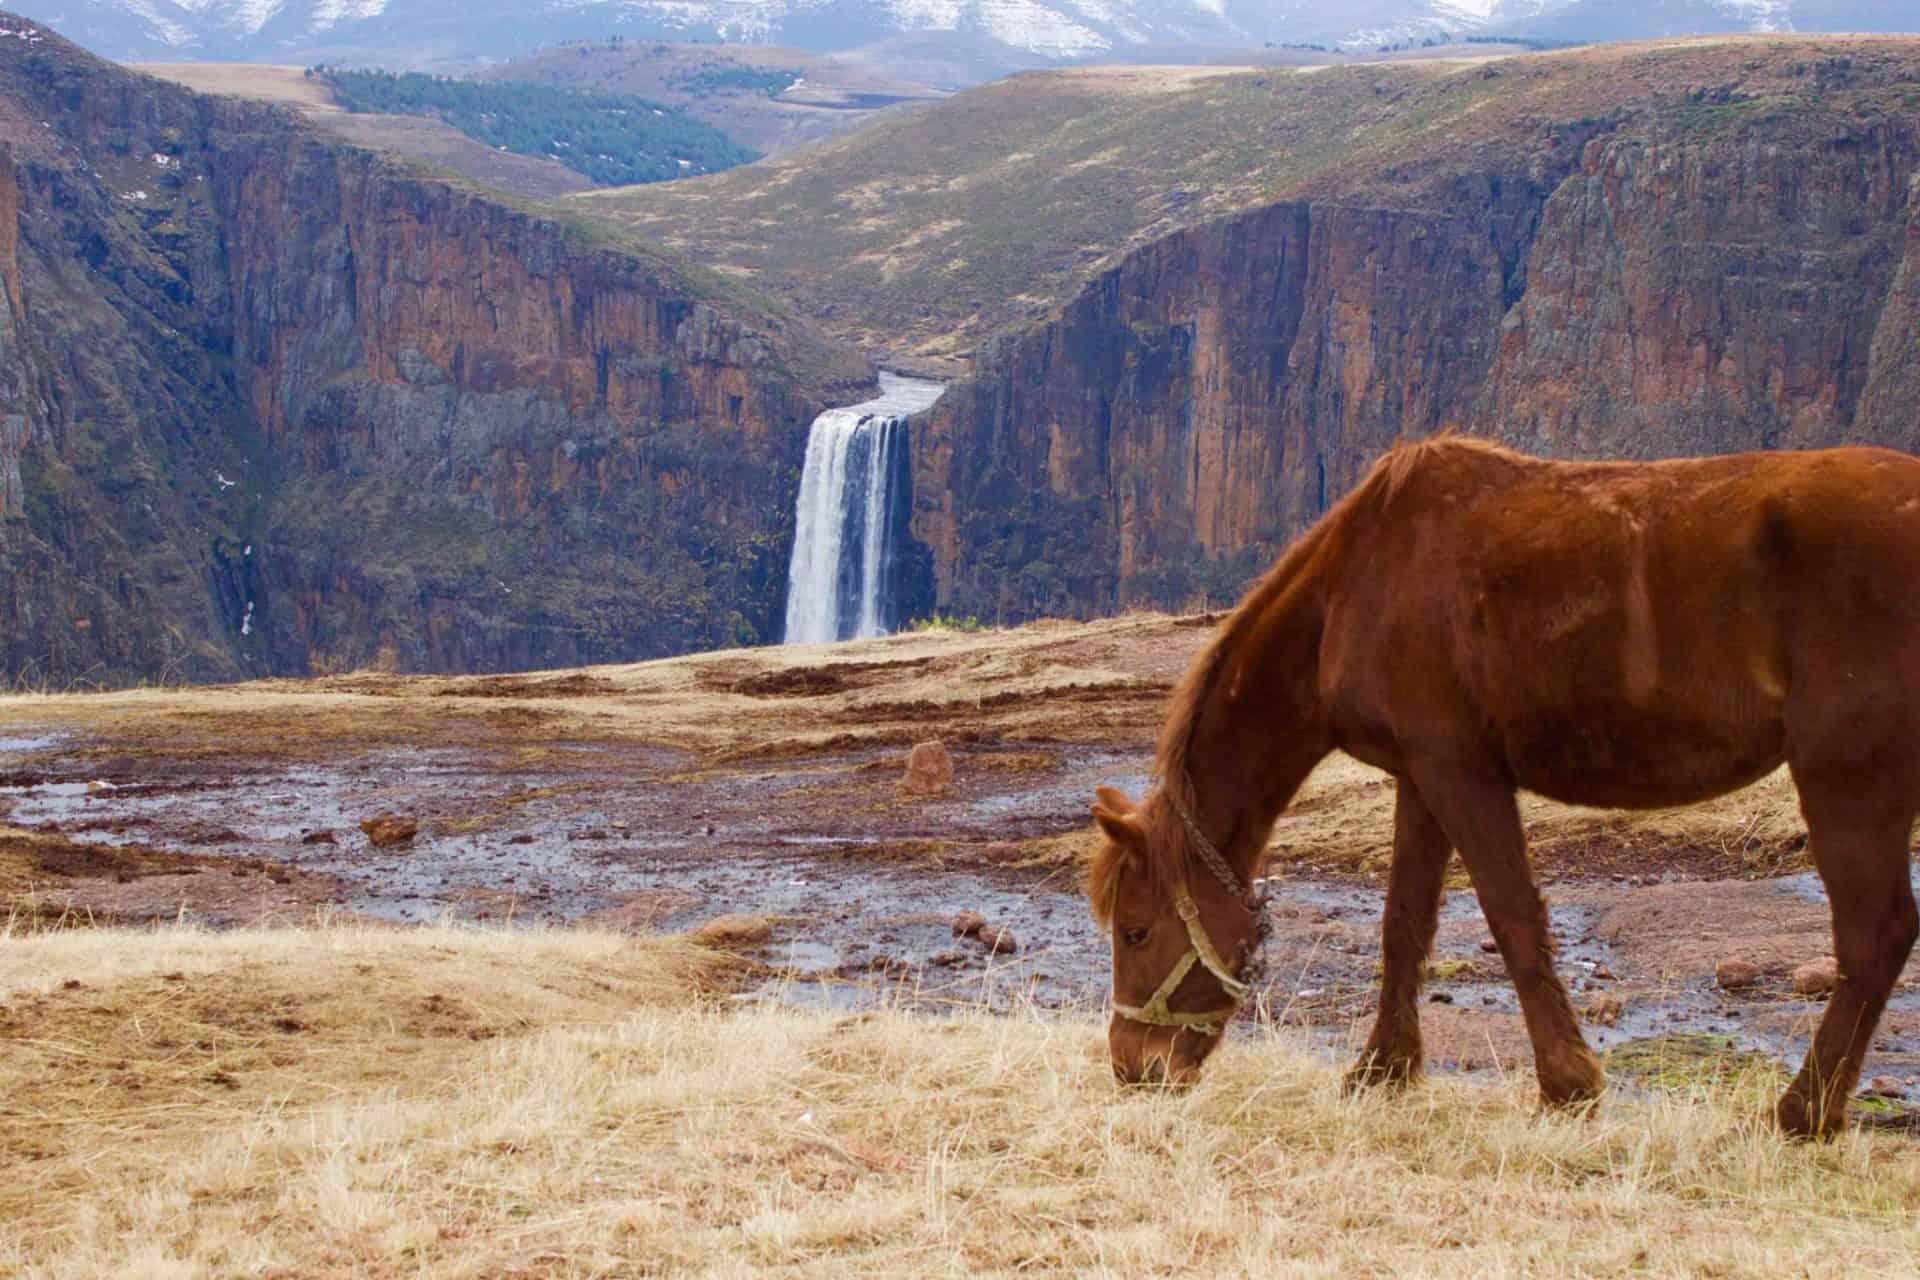 Waterfalls in Lesotho - maletsunyane fall